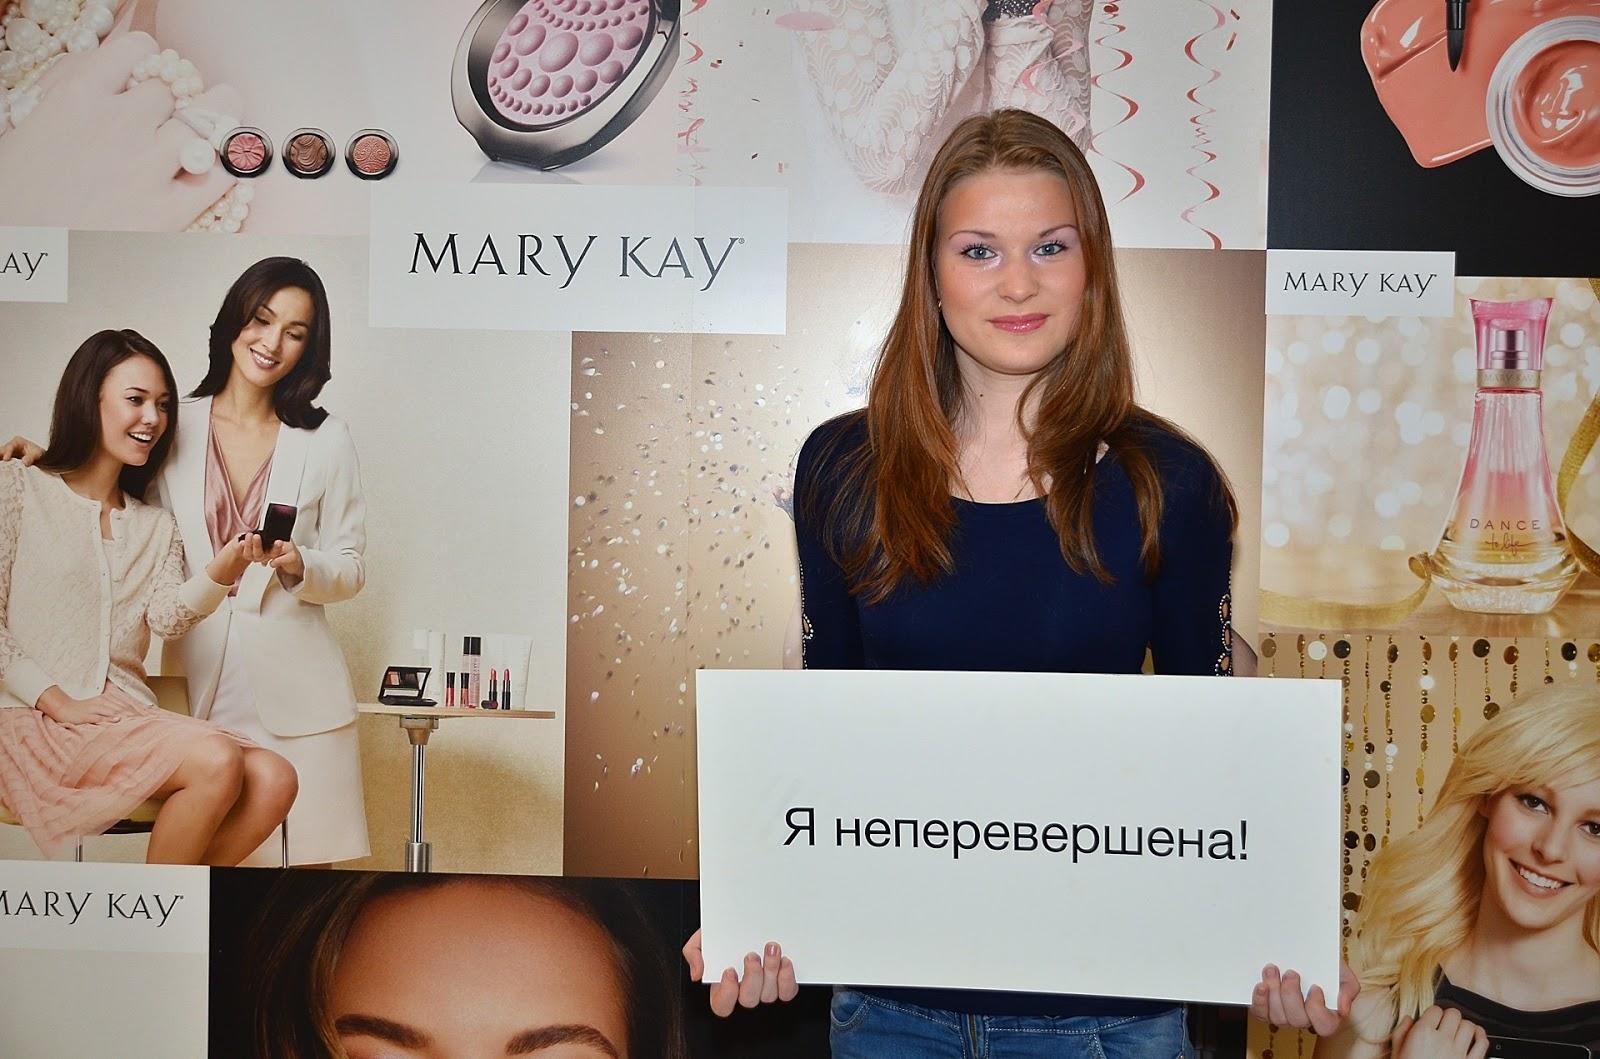 Ставрополь мери кей, Мерикей Косметика 7 фотография